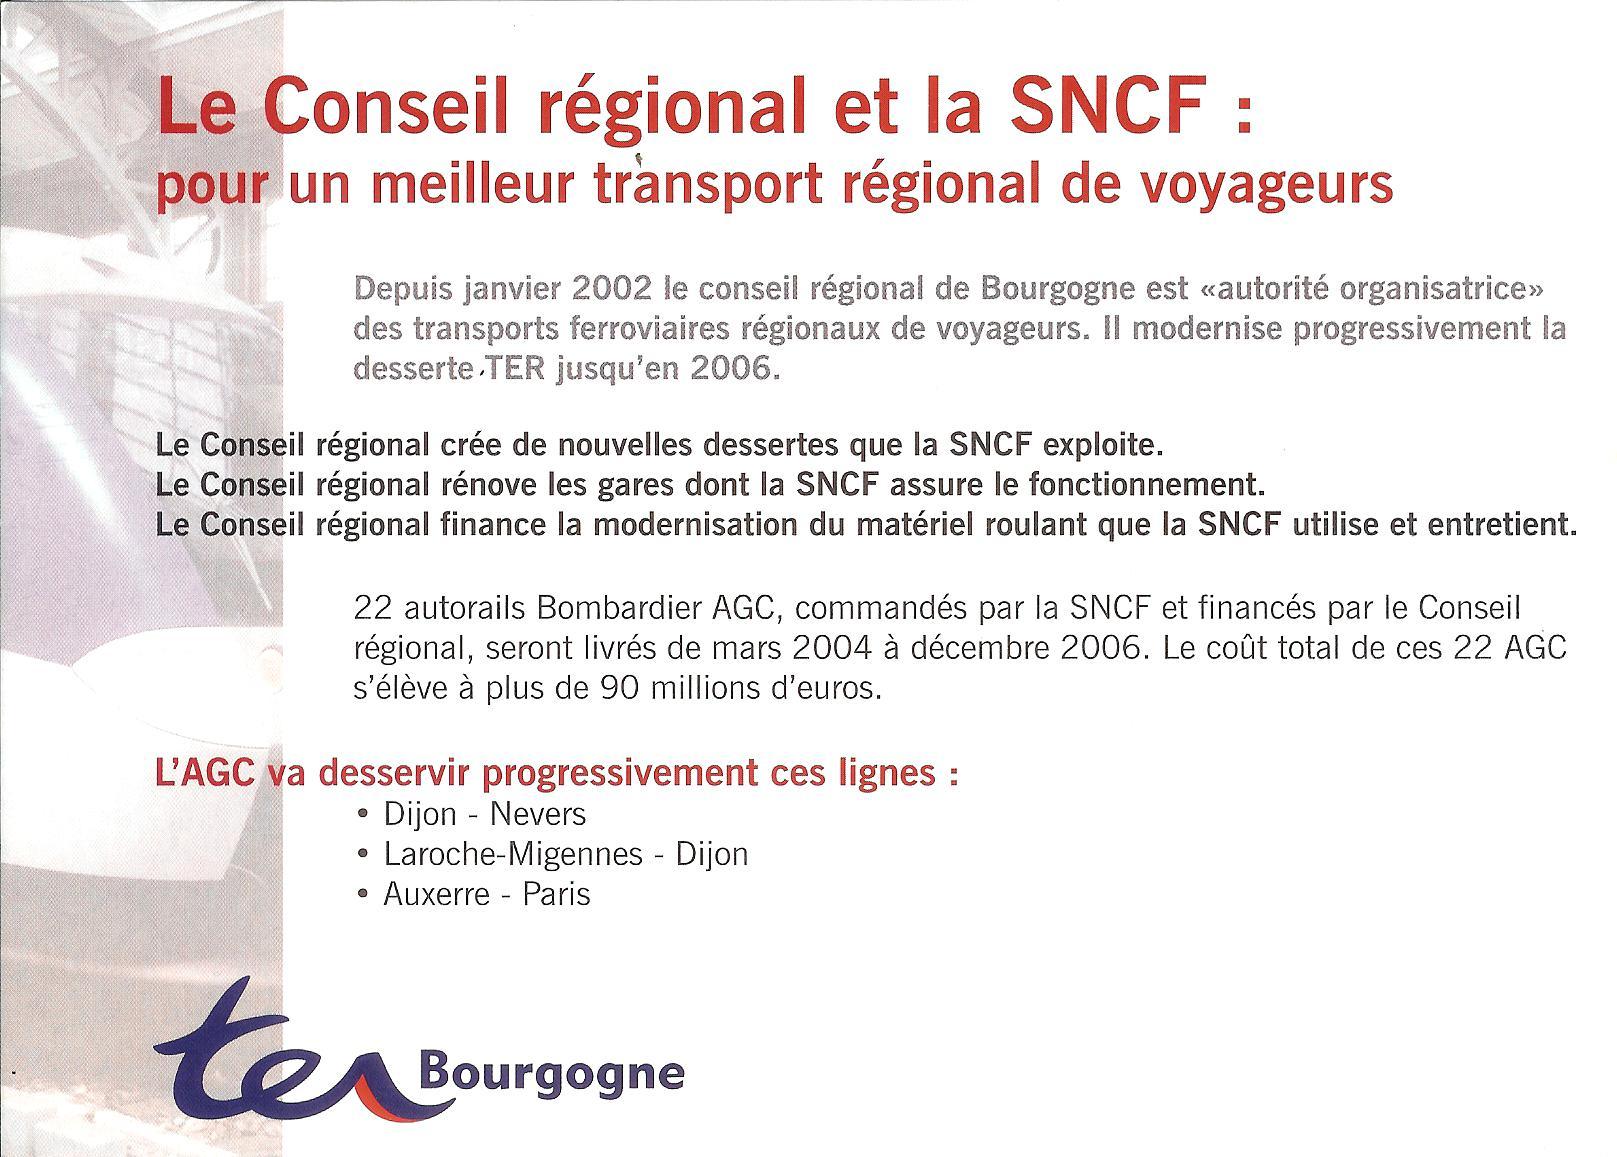 chronique-ter-bourgogne-nc2b0-6-1-22-agc-bombardiers-commandes-en-2003-pour-90-millions-deuro